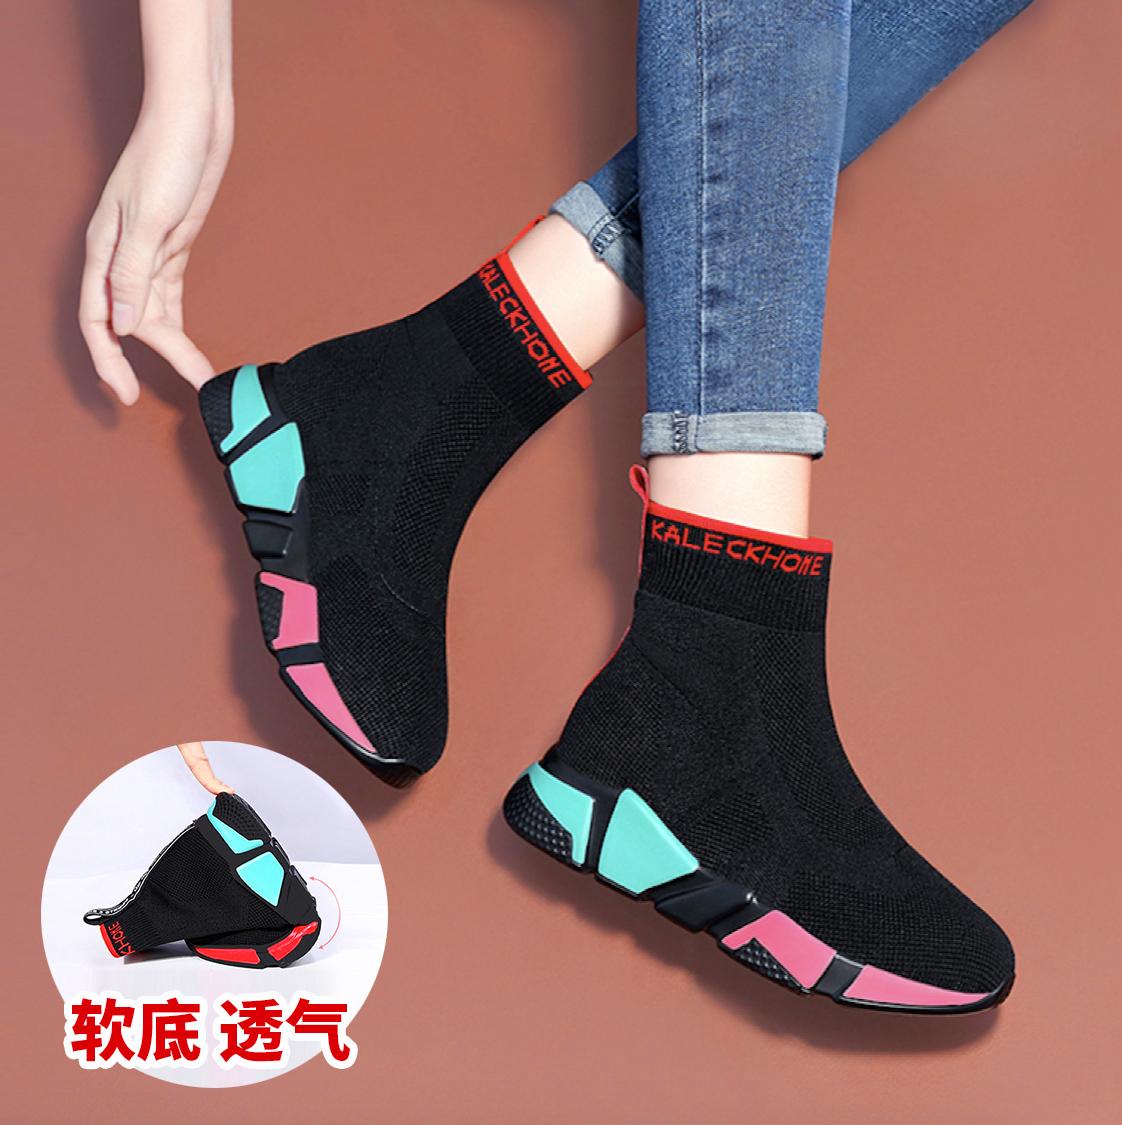 高帮袜子鞋女超轻透气紫色运动鞋妈妈广场舞春夏平底休闲拼色平跟